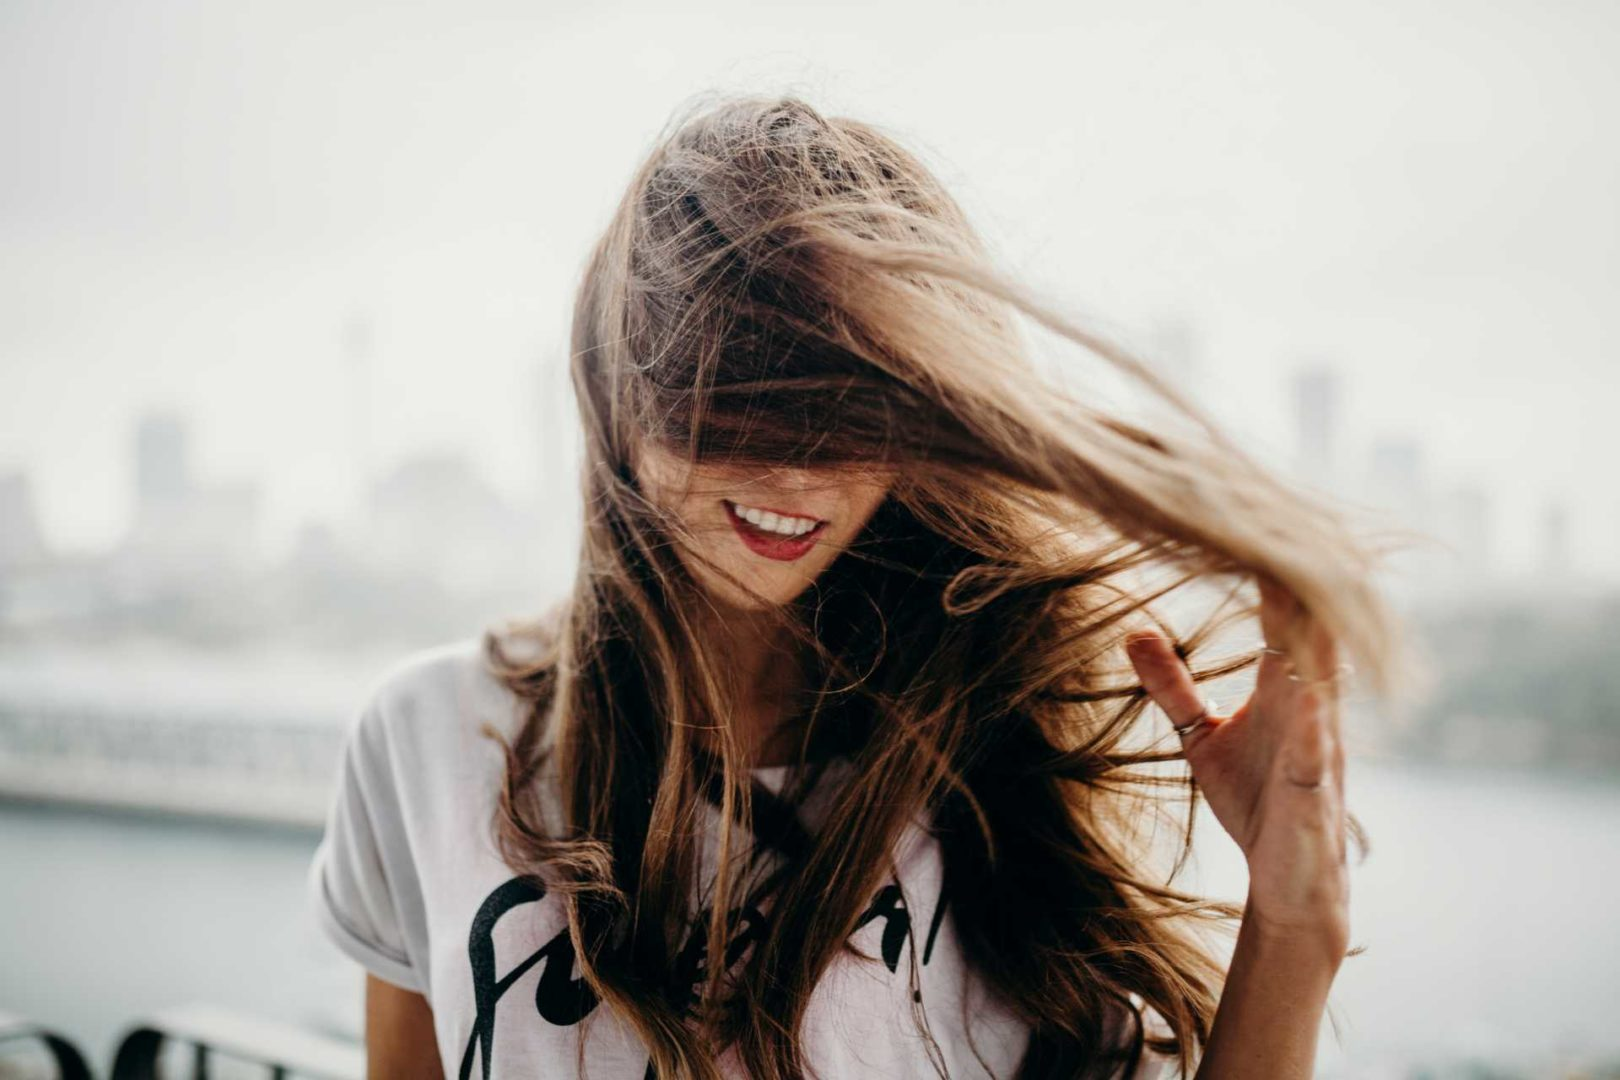 Tørr hodebunn eller tørt hår. Foto